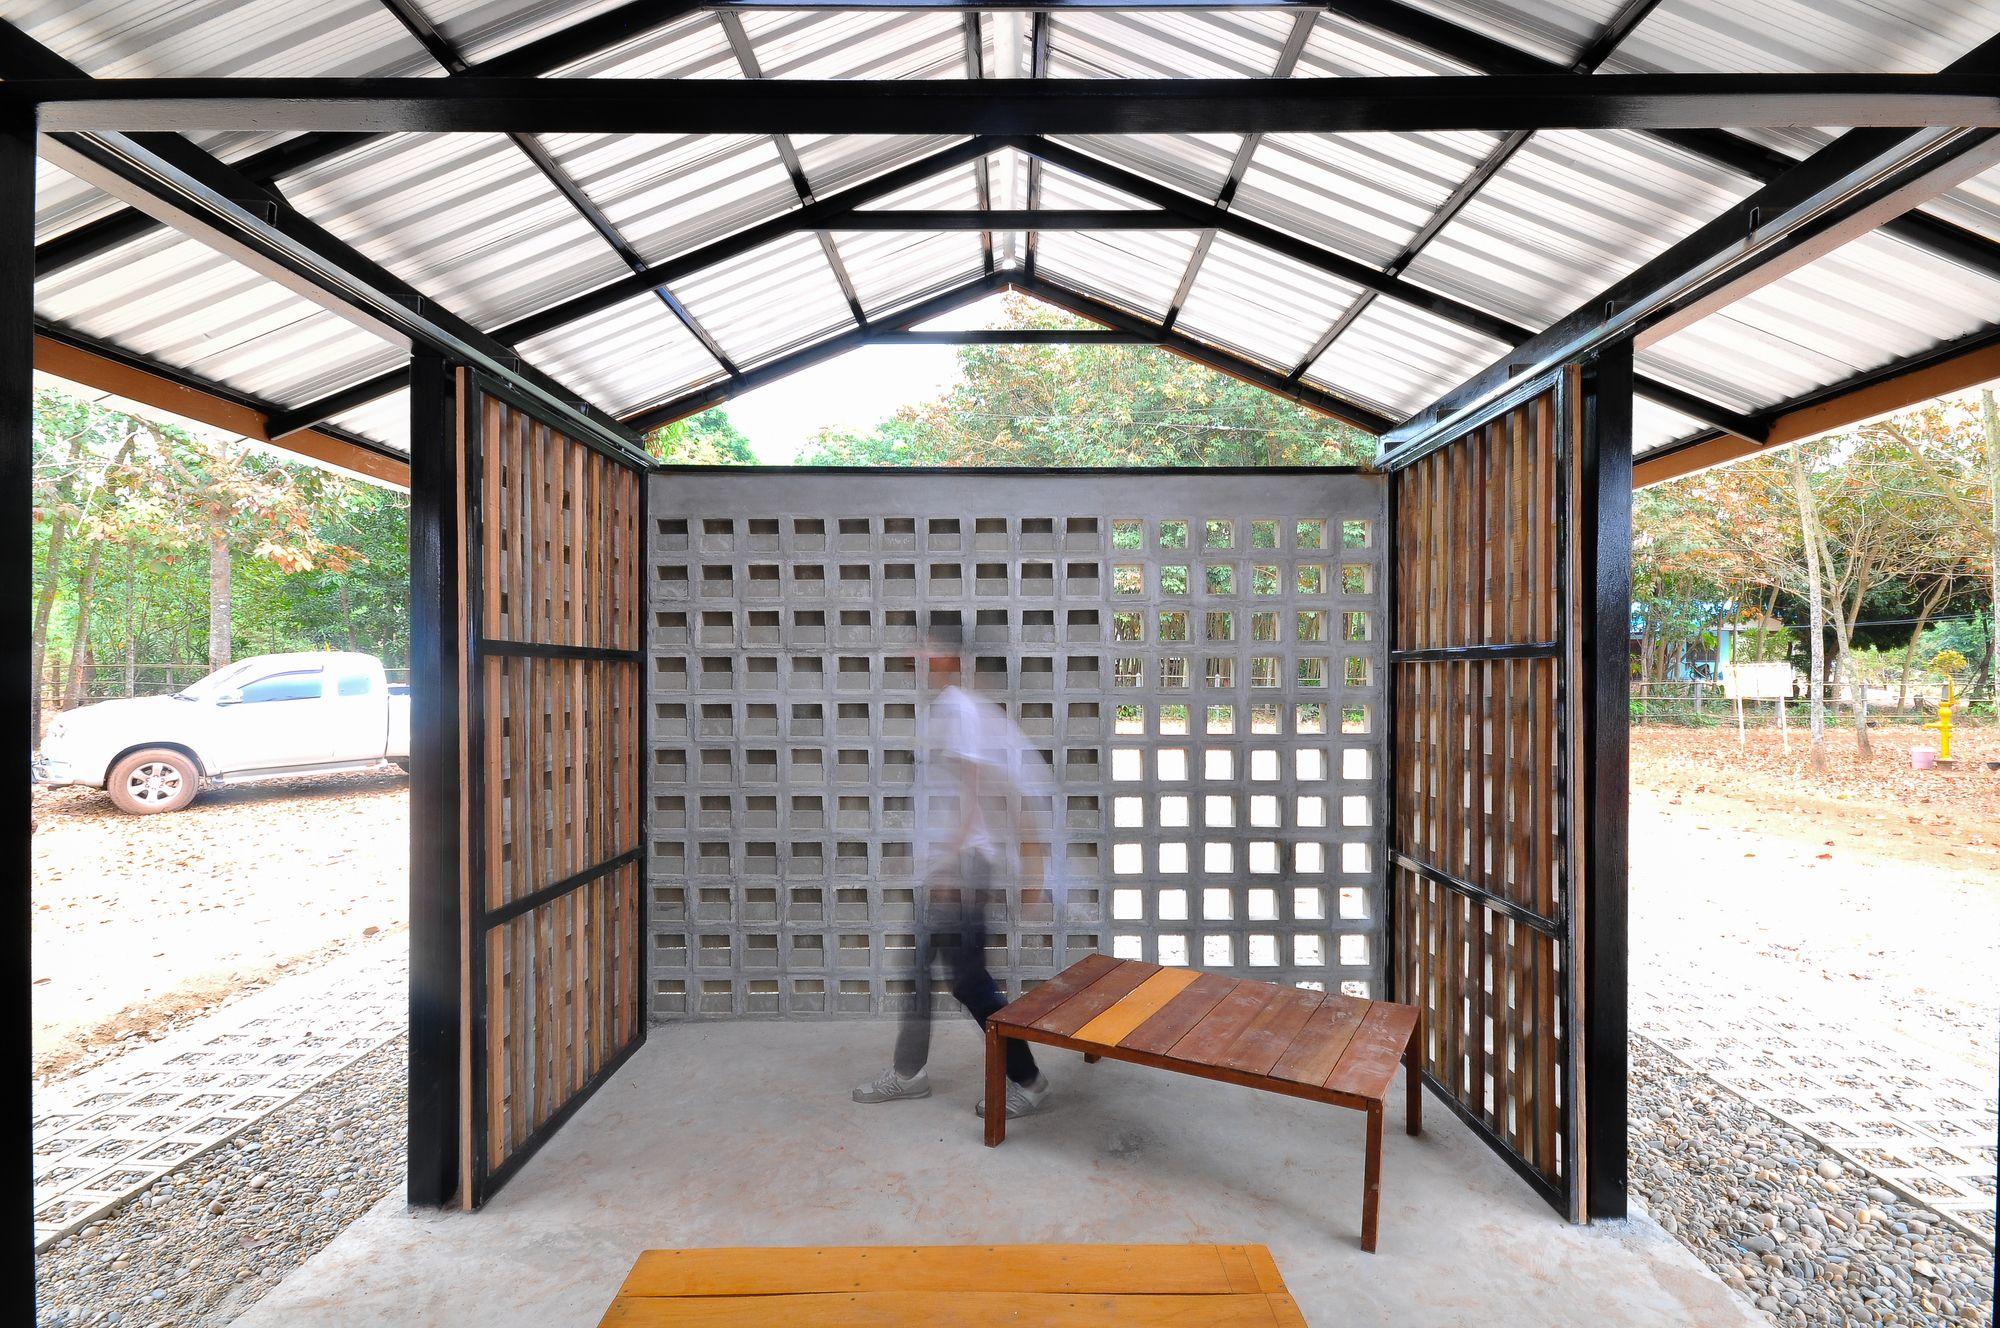 Construido en 2016 en Seka District, Tailandia. Imagenes por Grant Rathie. En la escuela de arquitectura, si el estudiante sólo aprende las teorías sin la práctica, no puede saber sobre eldiseño. Un campamento de...